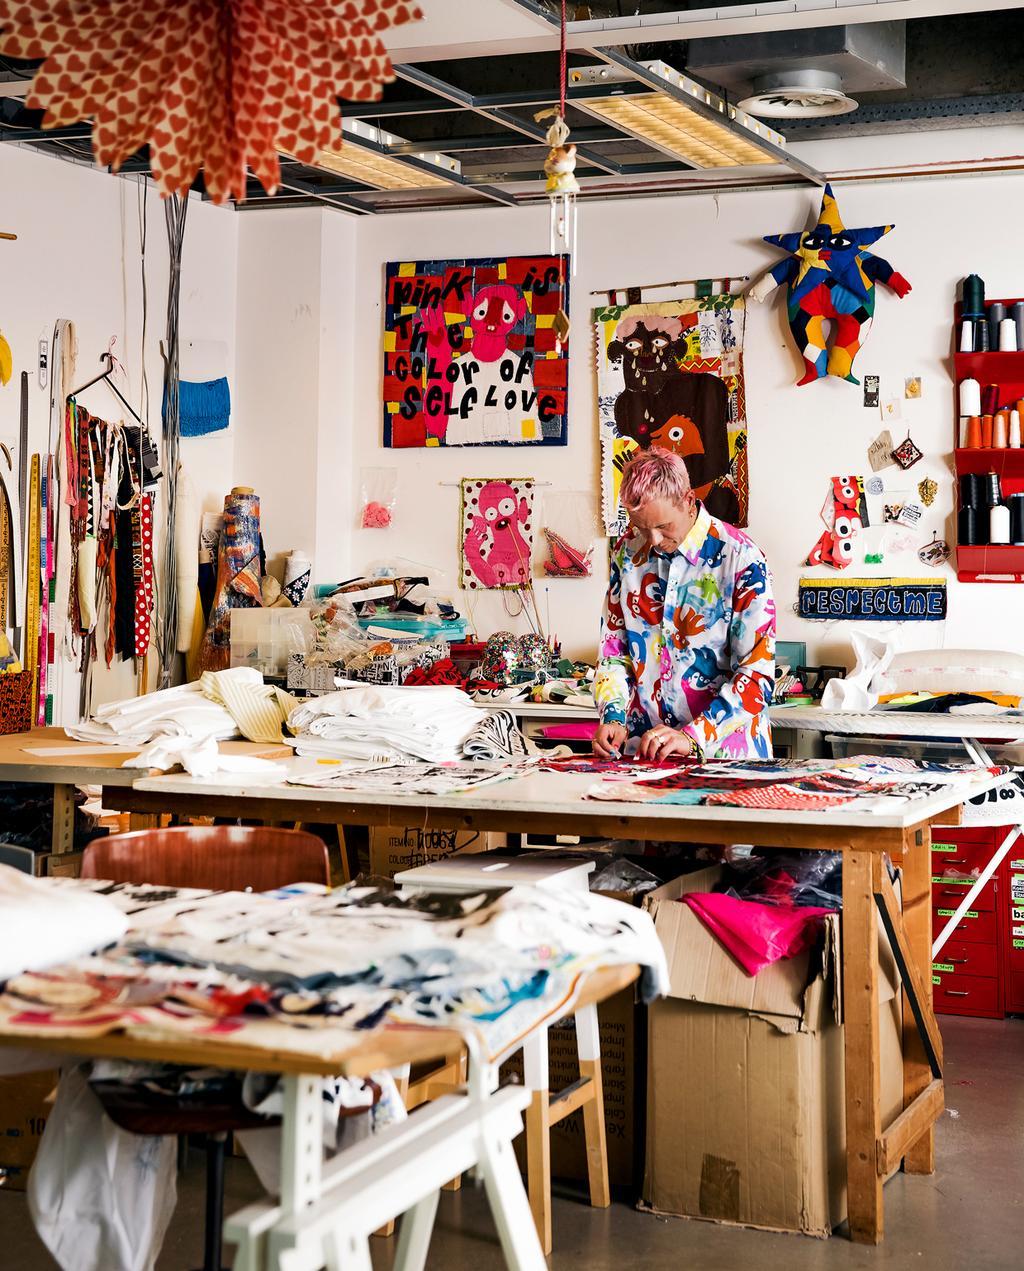 vtwonen 7-2019 | Ambacht Bas Kosters atelier aan het werk